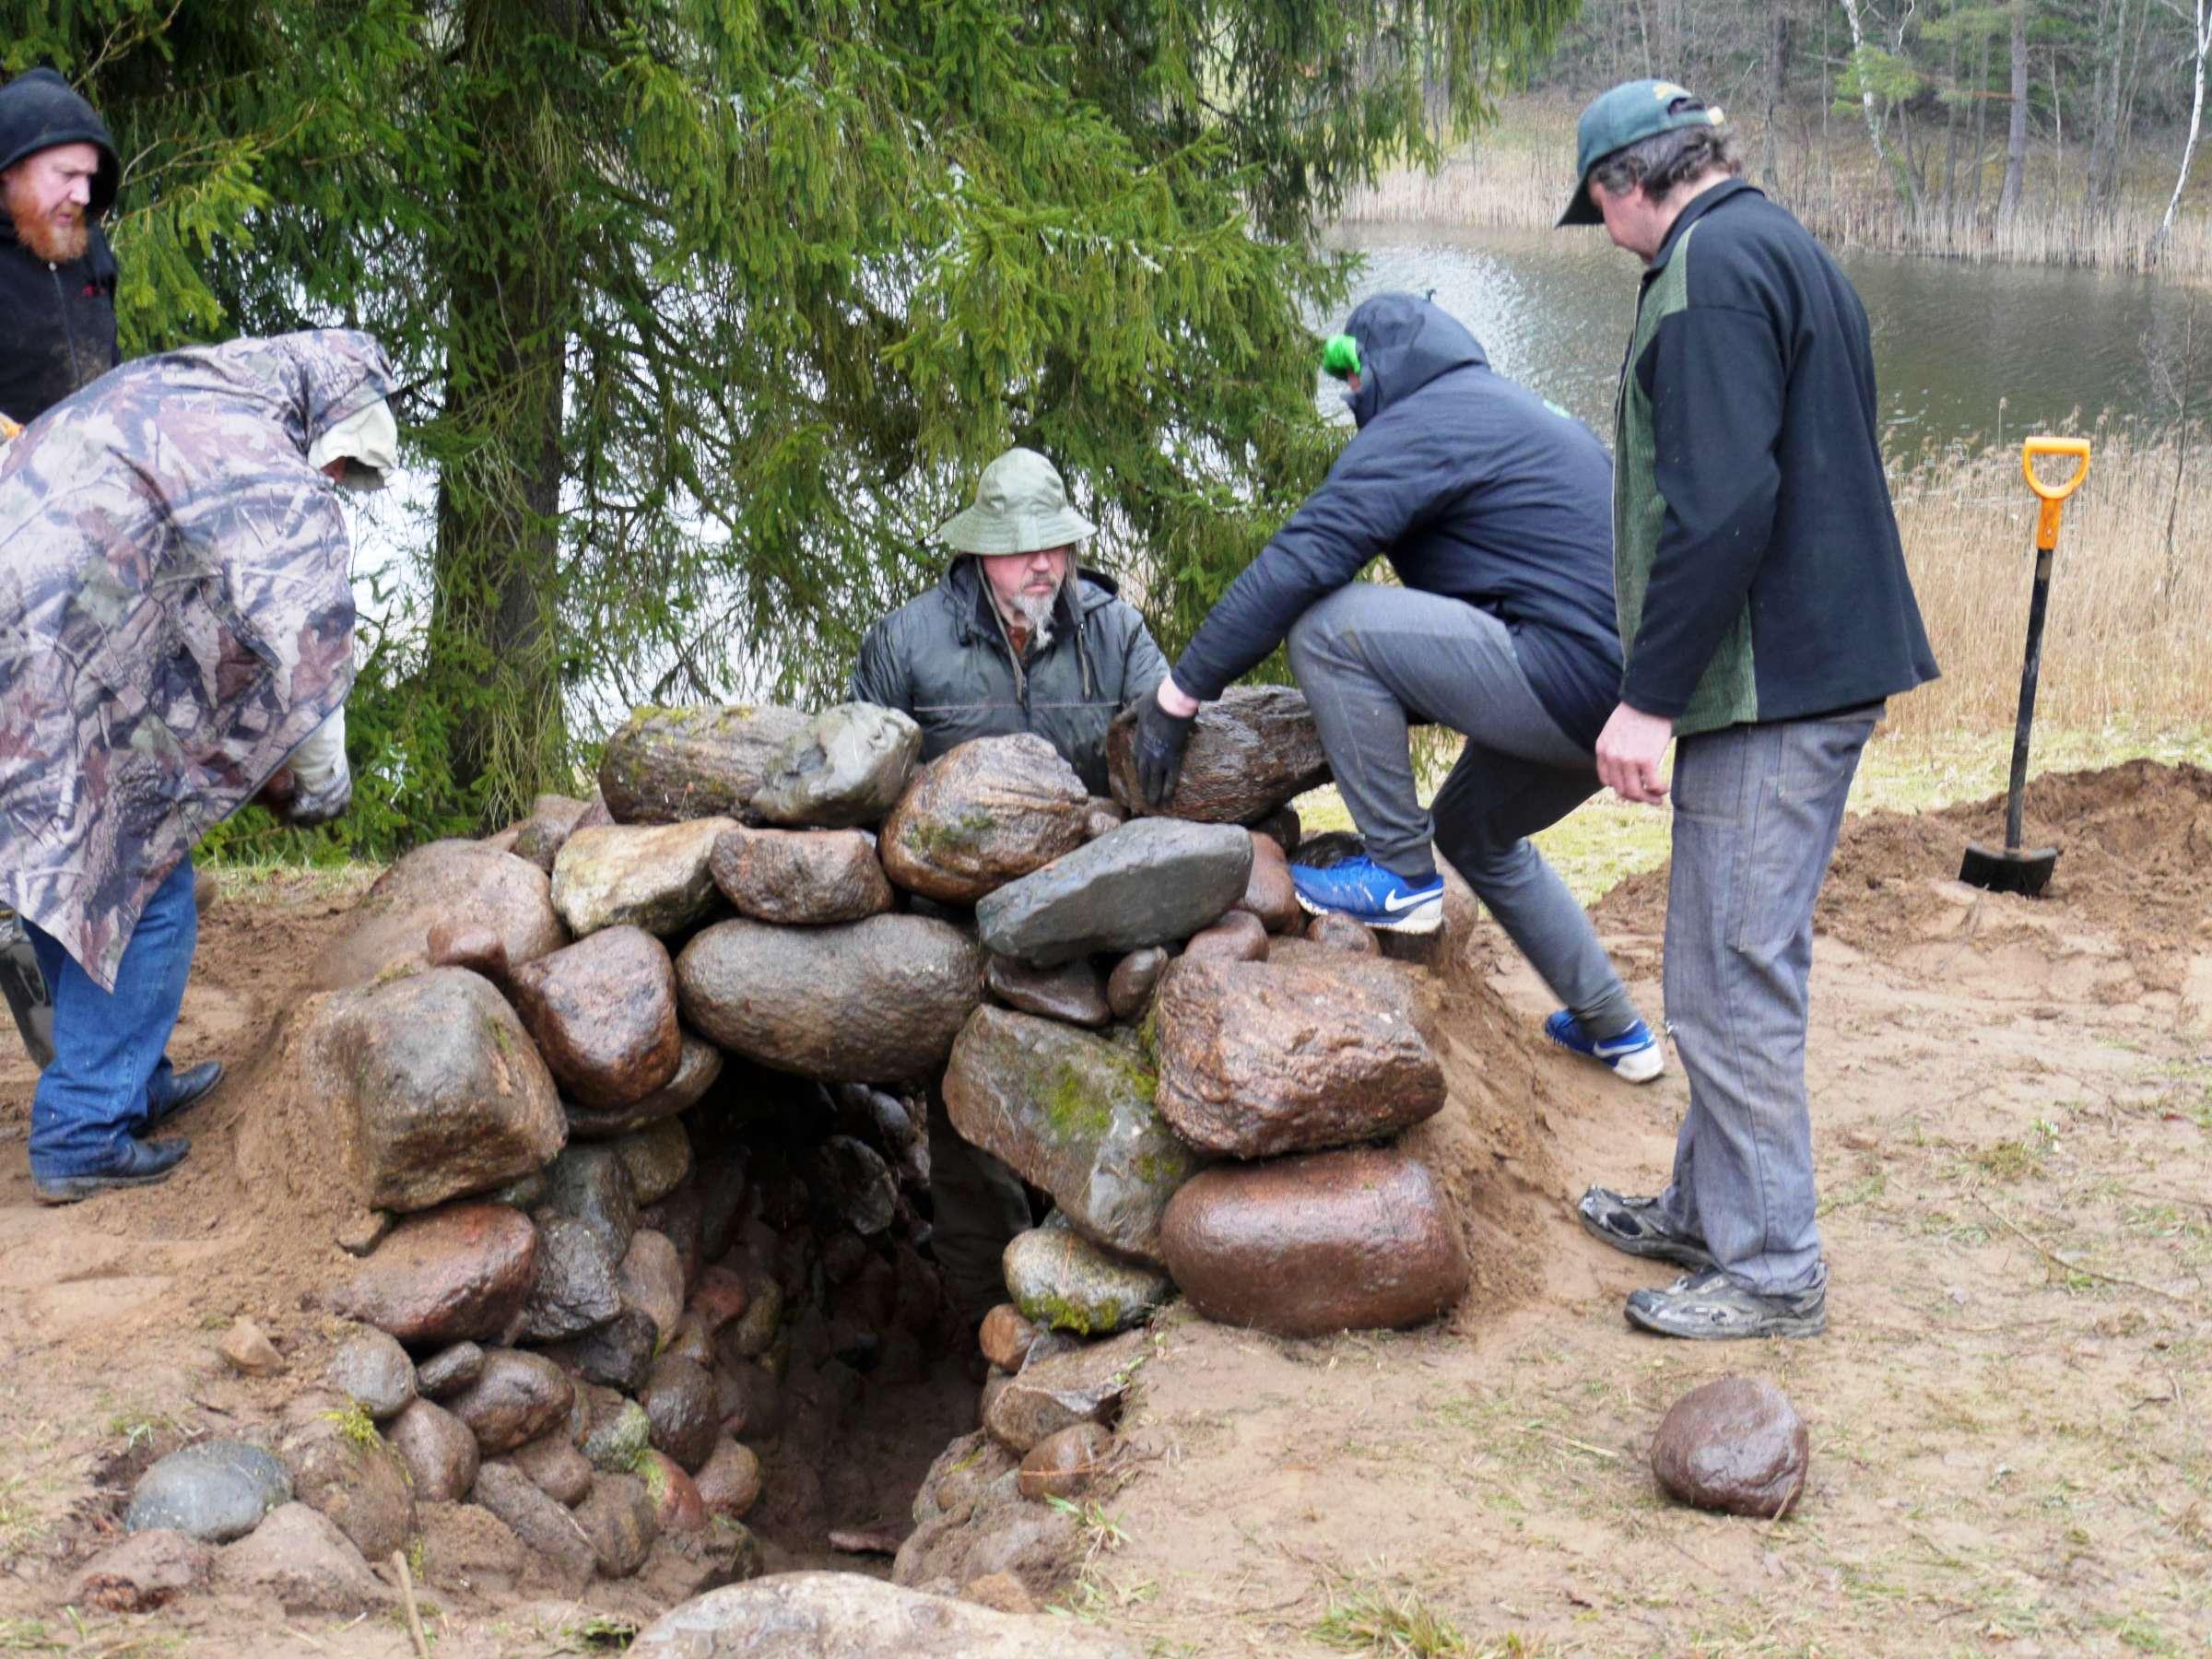 Akmenys , kaip duonos kepalai sugulė į krūsnies sienas. 2017-04-21 | Alkas.lt, J. Vaiškūno nuotr.